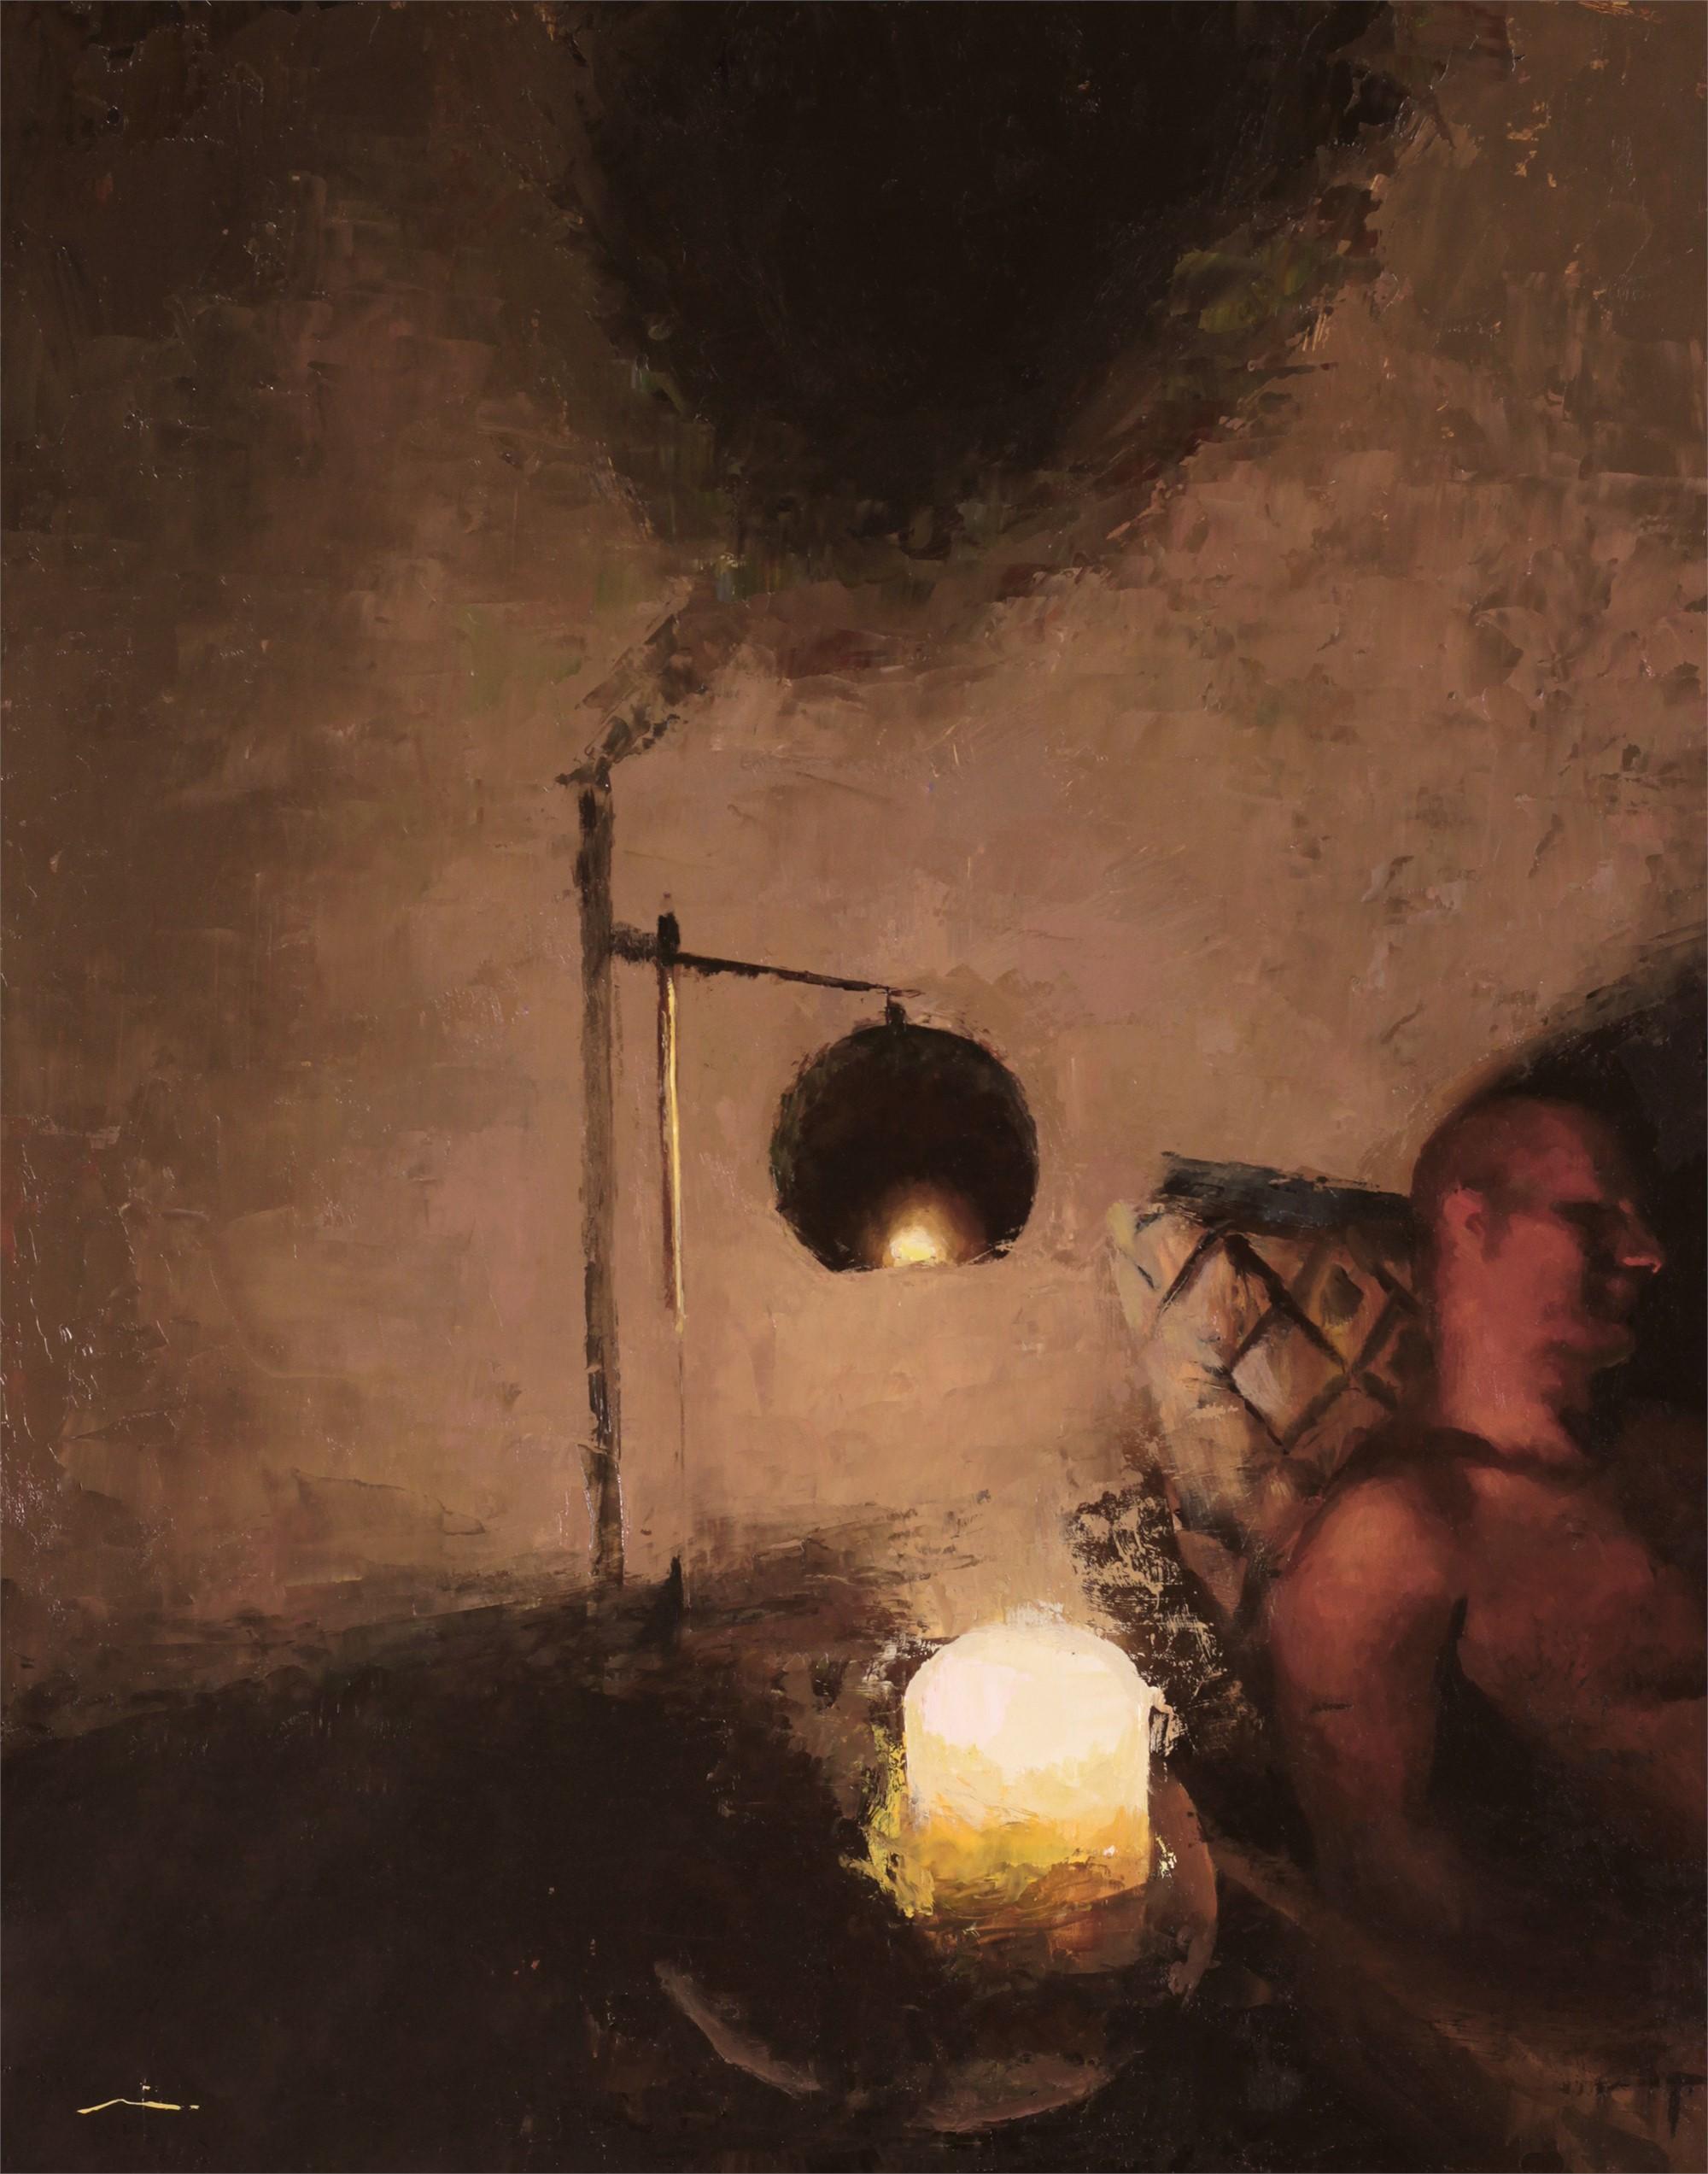 Night Murmurs by Mia Bergeron